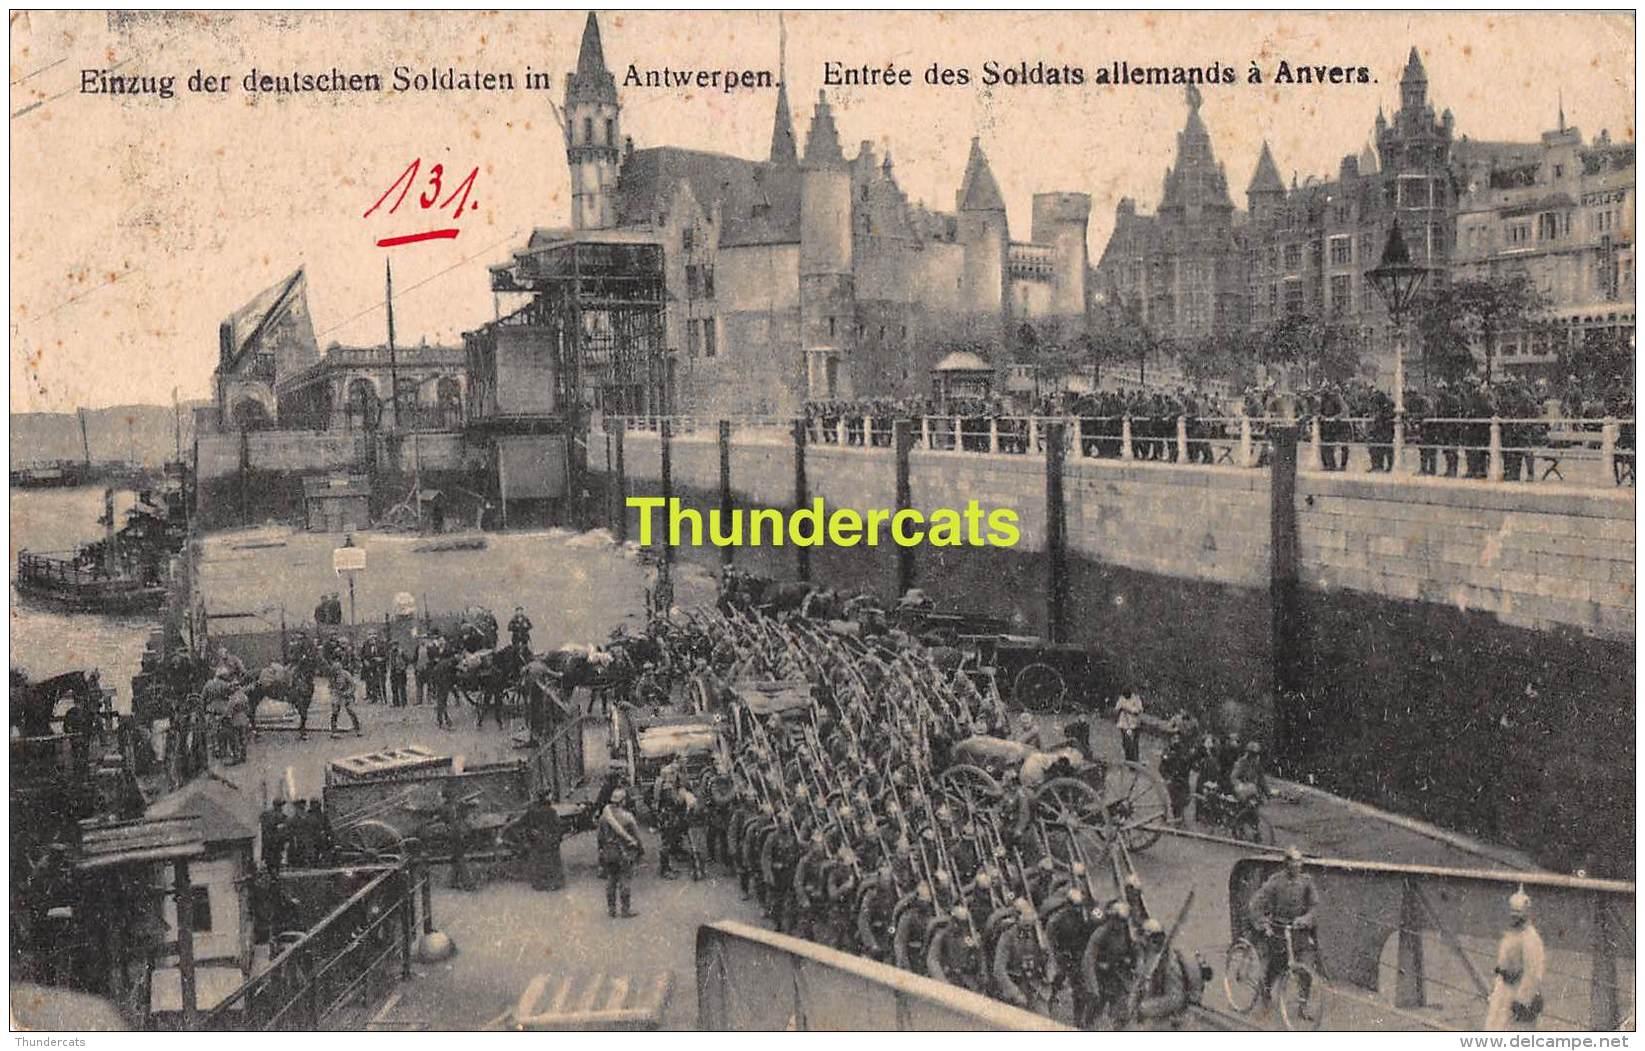 CPA FELDPOST WW I WELTKRIEG FELDPOSTKARTE 1914 -1918  EINZUNG DER DEUTSCHEN SOLDATEN IN ANTWERPEN - Weltkrieg 1914-18